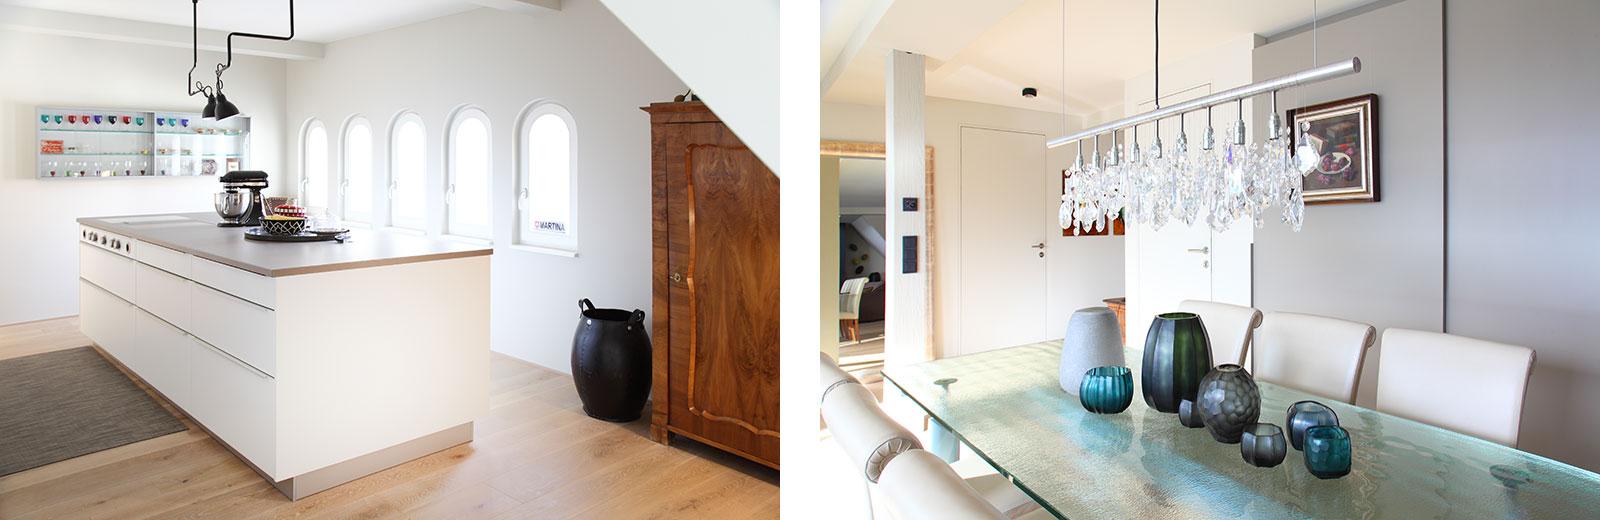 Eklektischer Einrichtungsstil in Küche und Eßzimmer